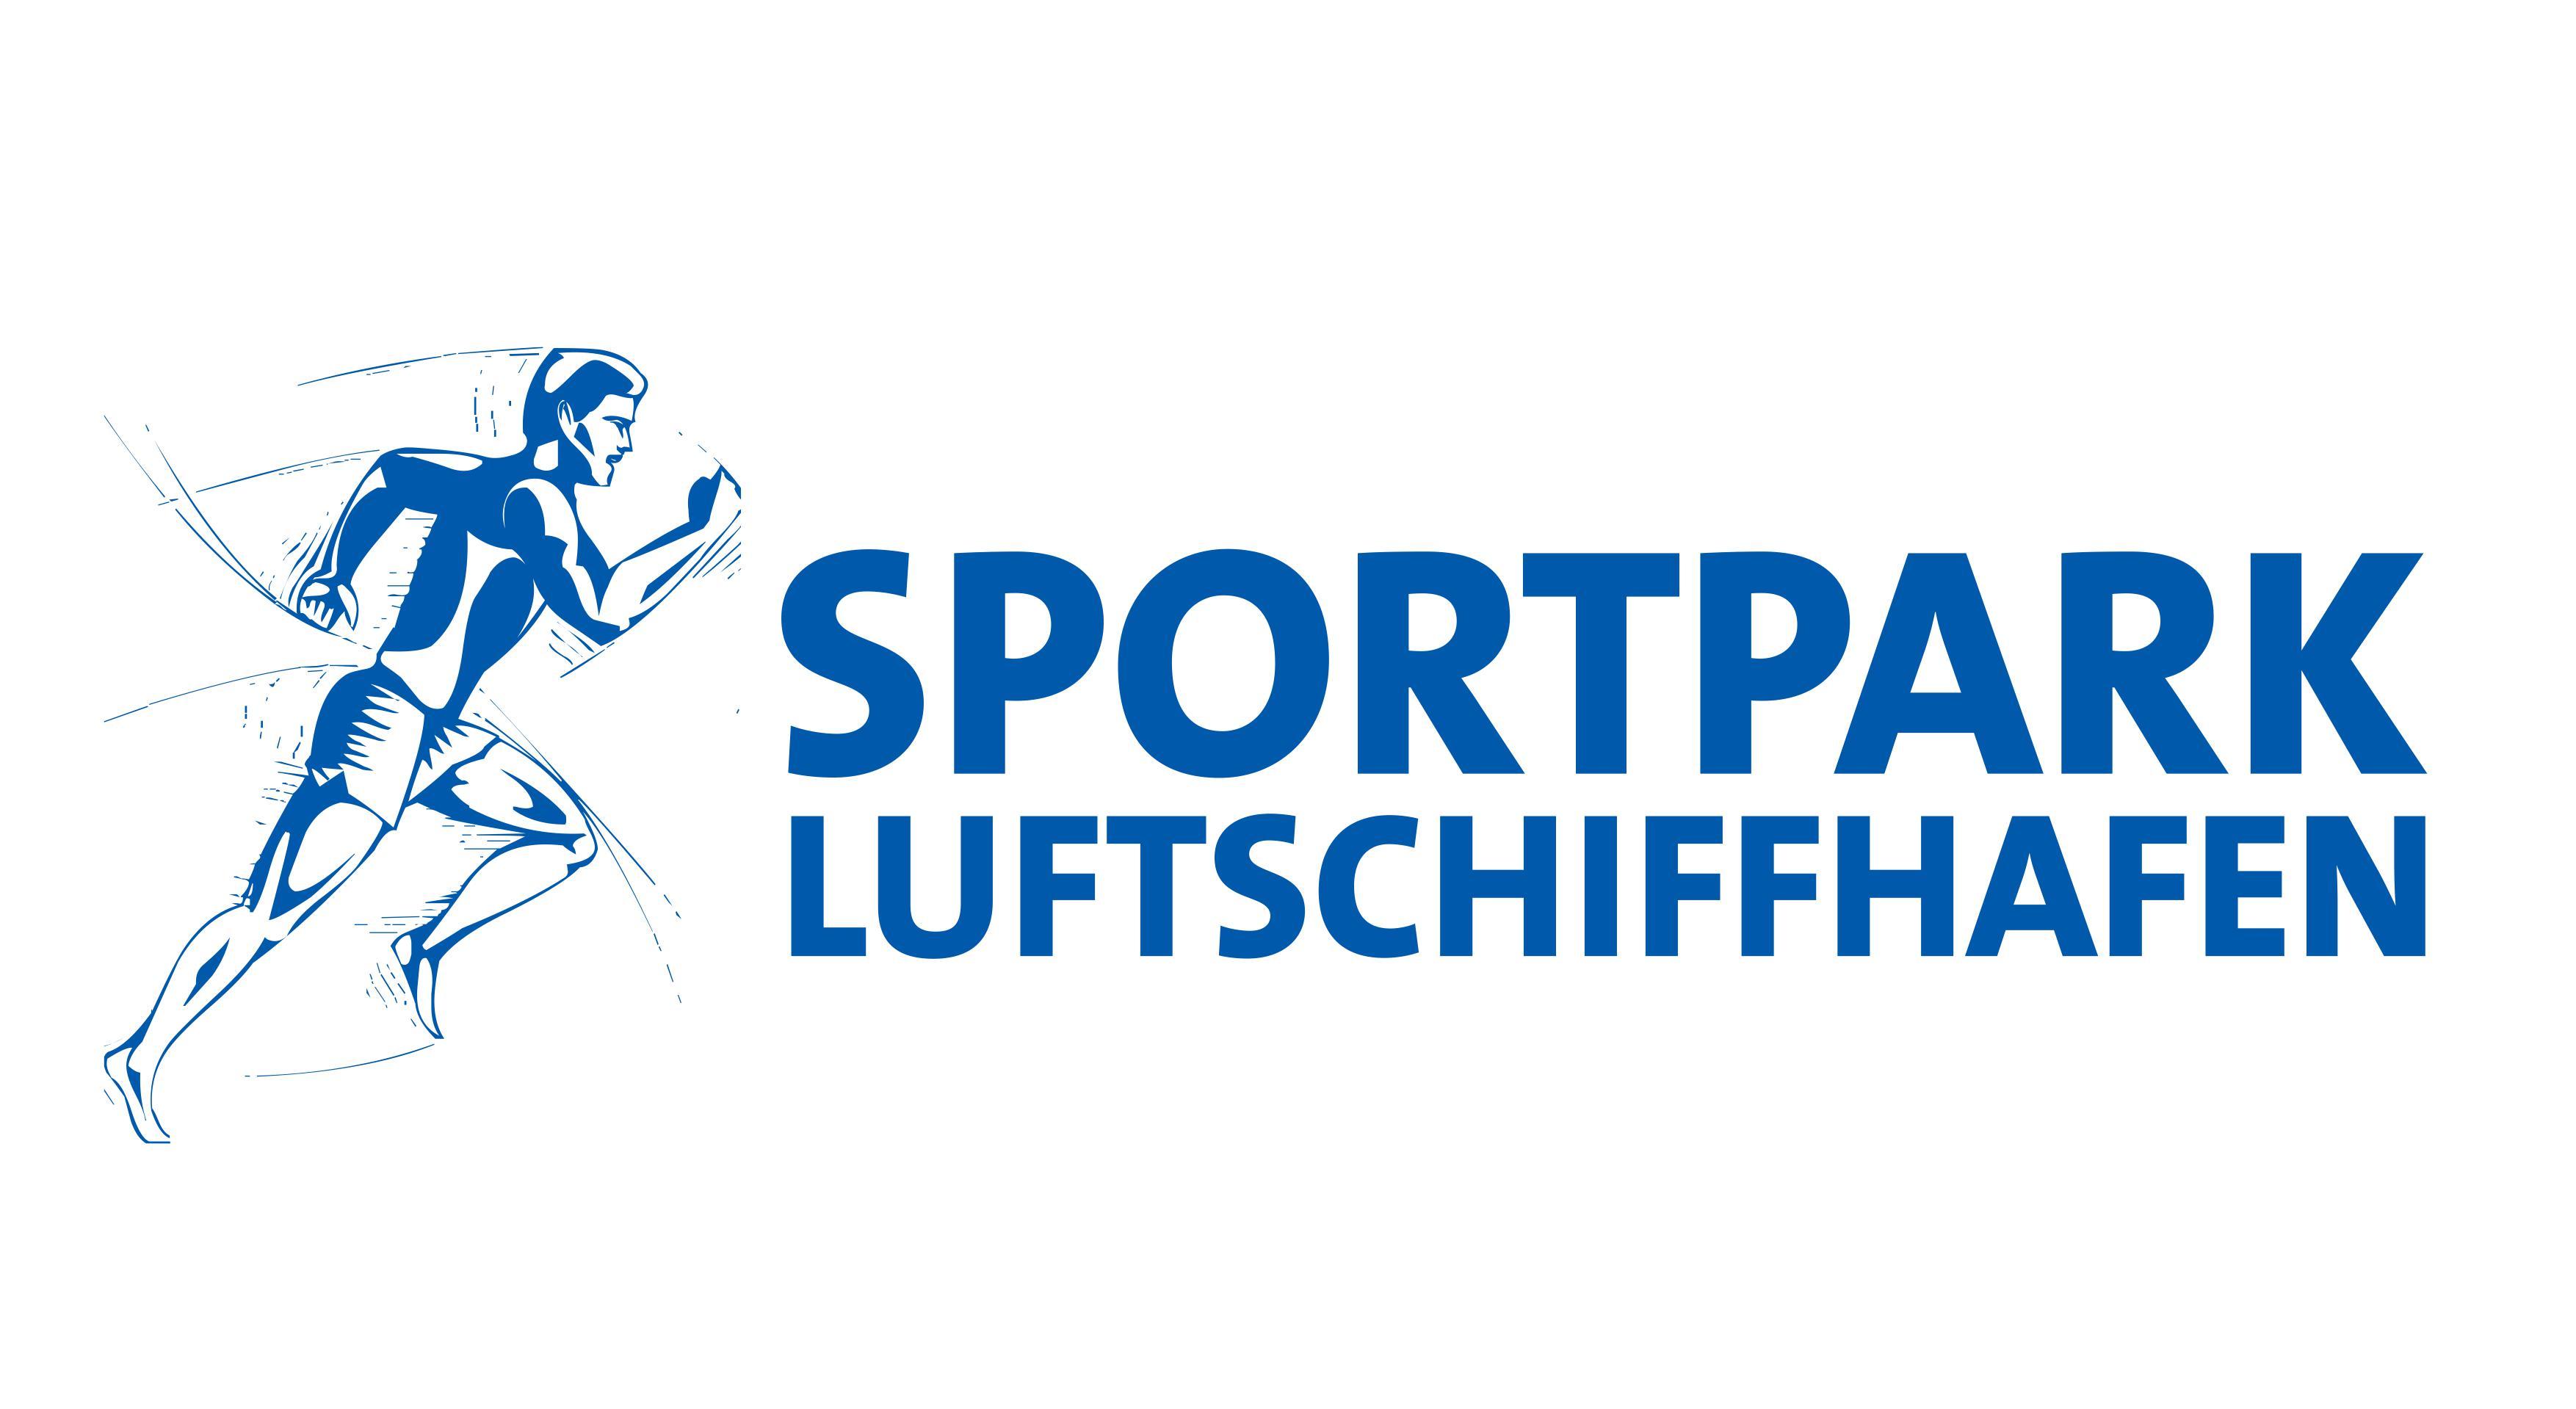 Sportpark am Luftschiffhafen Logo